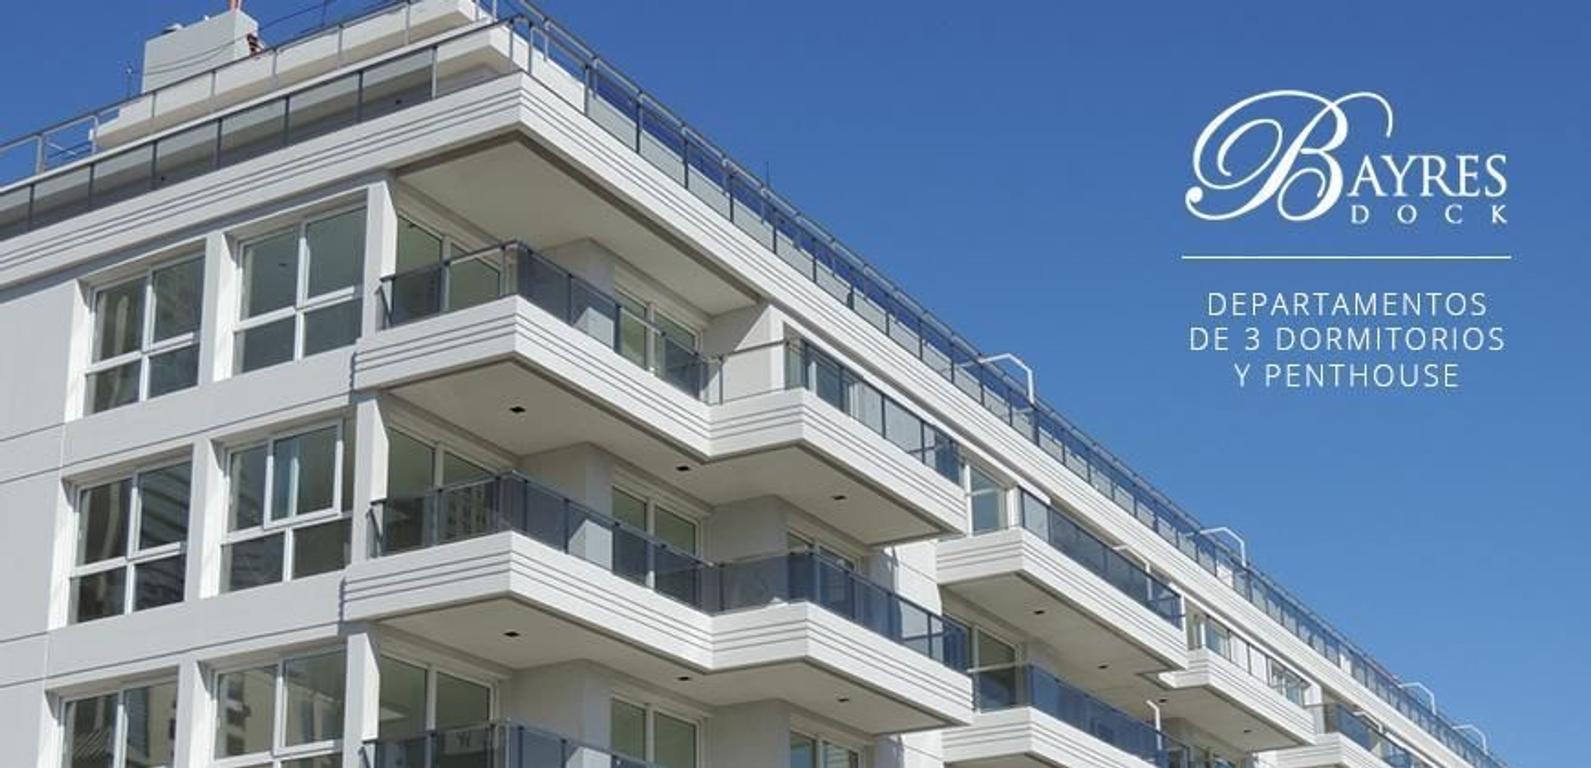 Departamento  en Alquiler ubicado en Puerto Madero, Capital Federal - MAD0778_LP81528_1